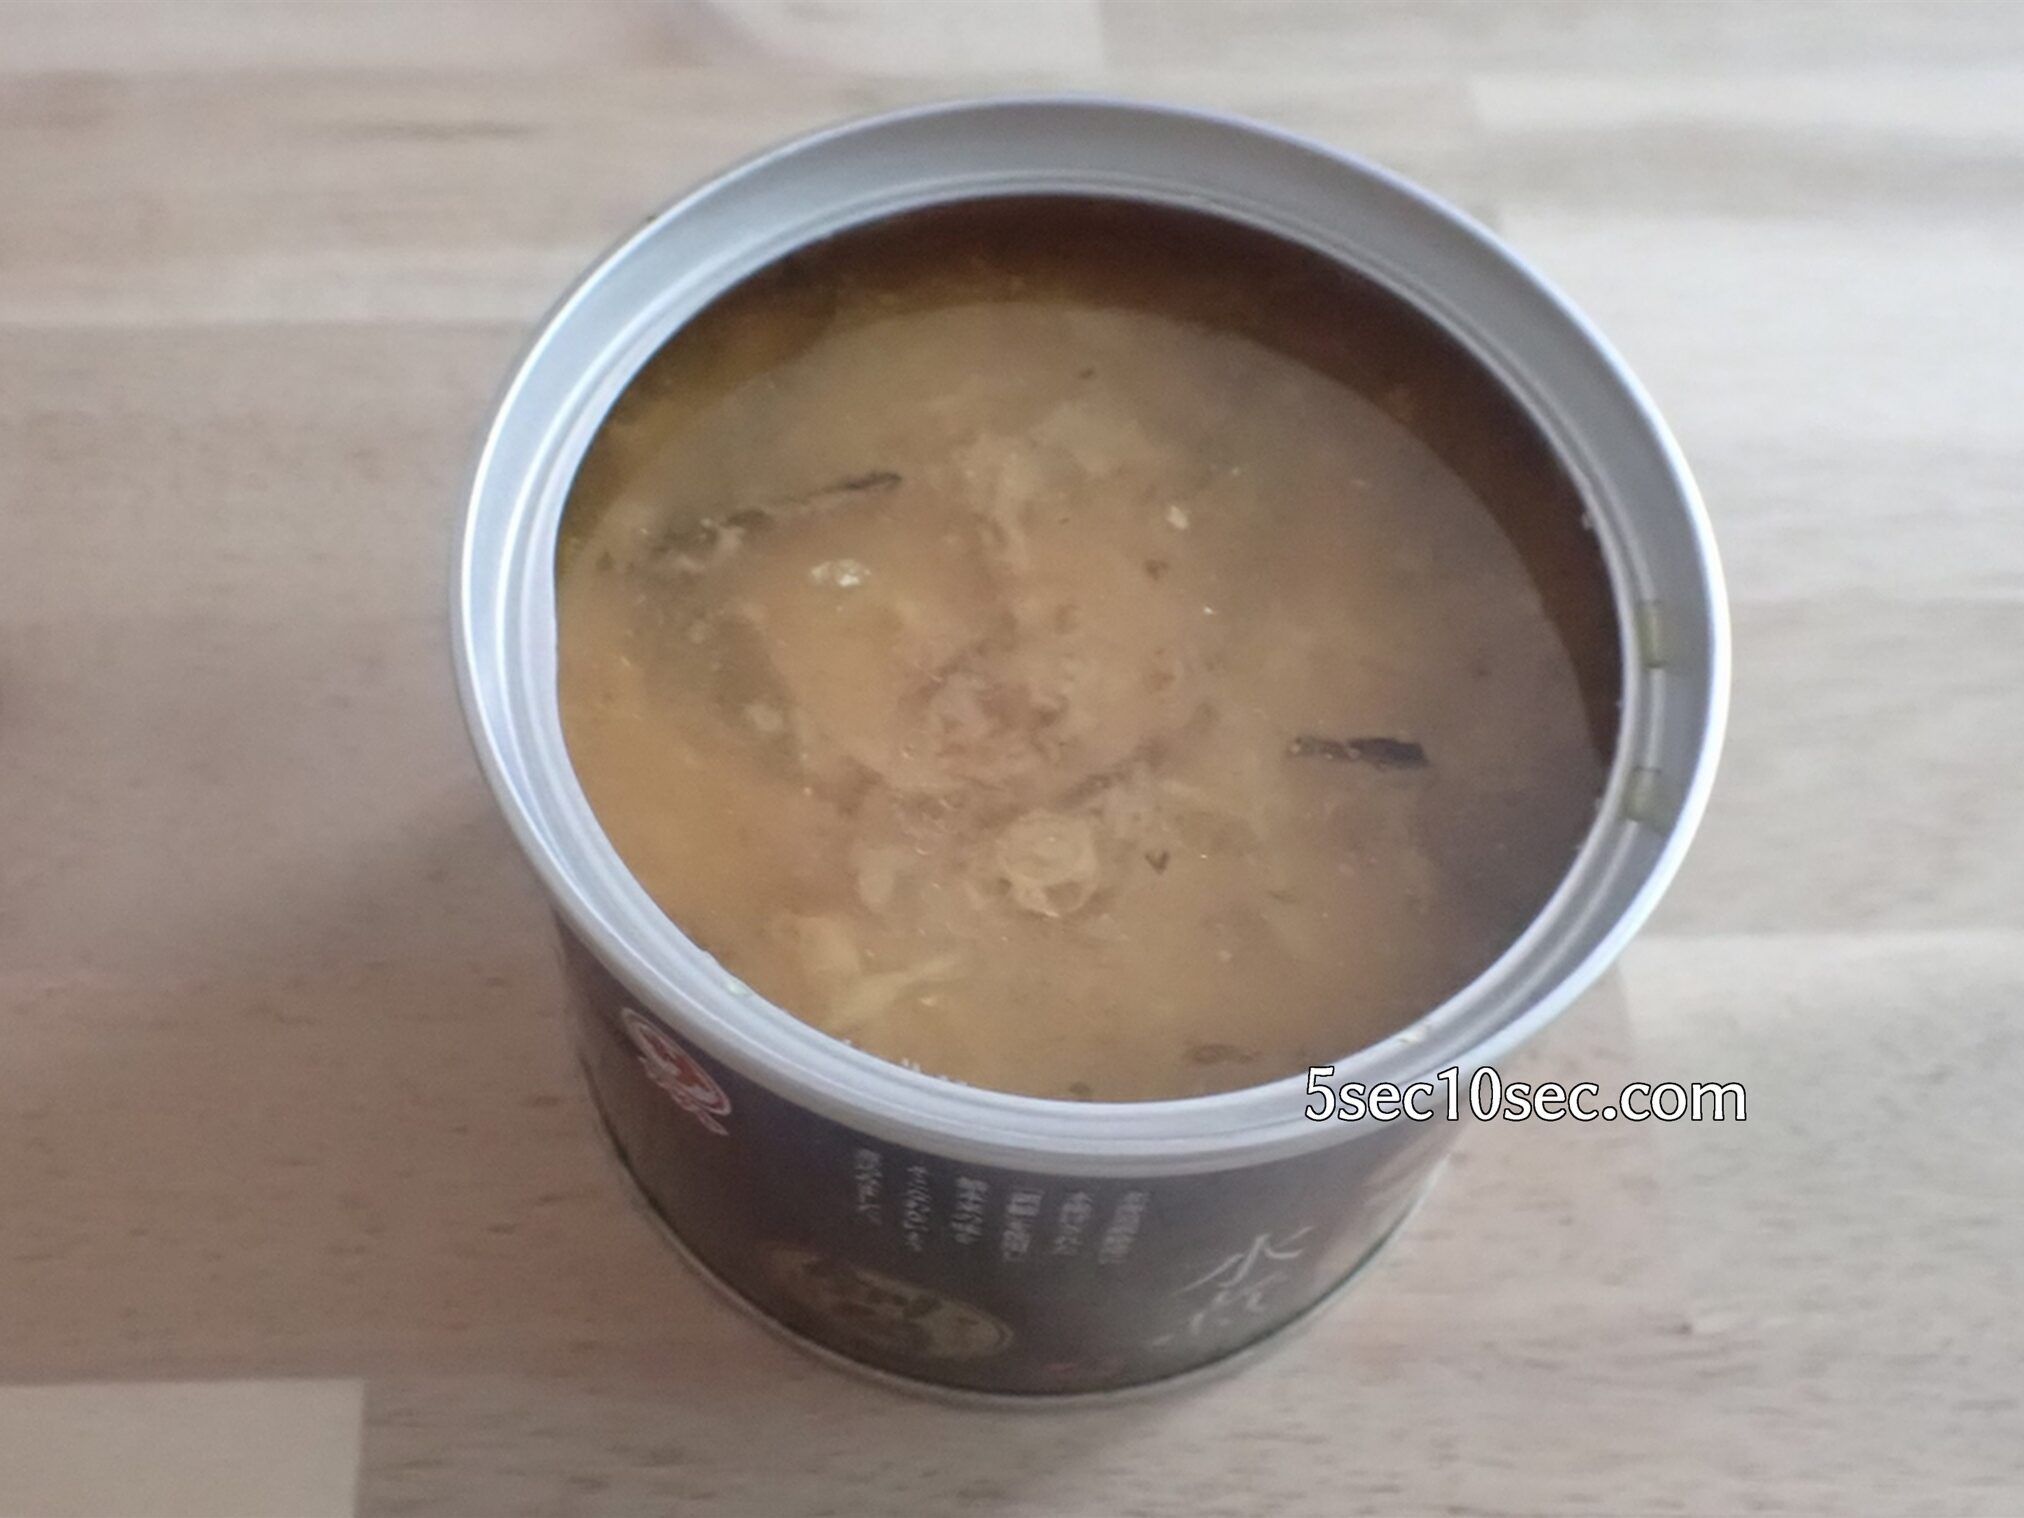 株式会社マルサ笹谷商店 北海道釧路産 高級さば水煮缶詰 開封写真、缶詰を開けた写真